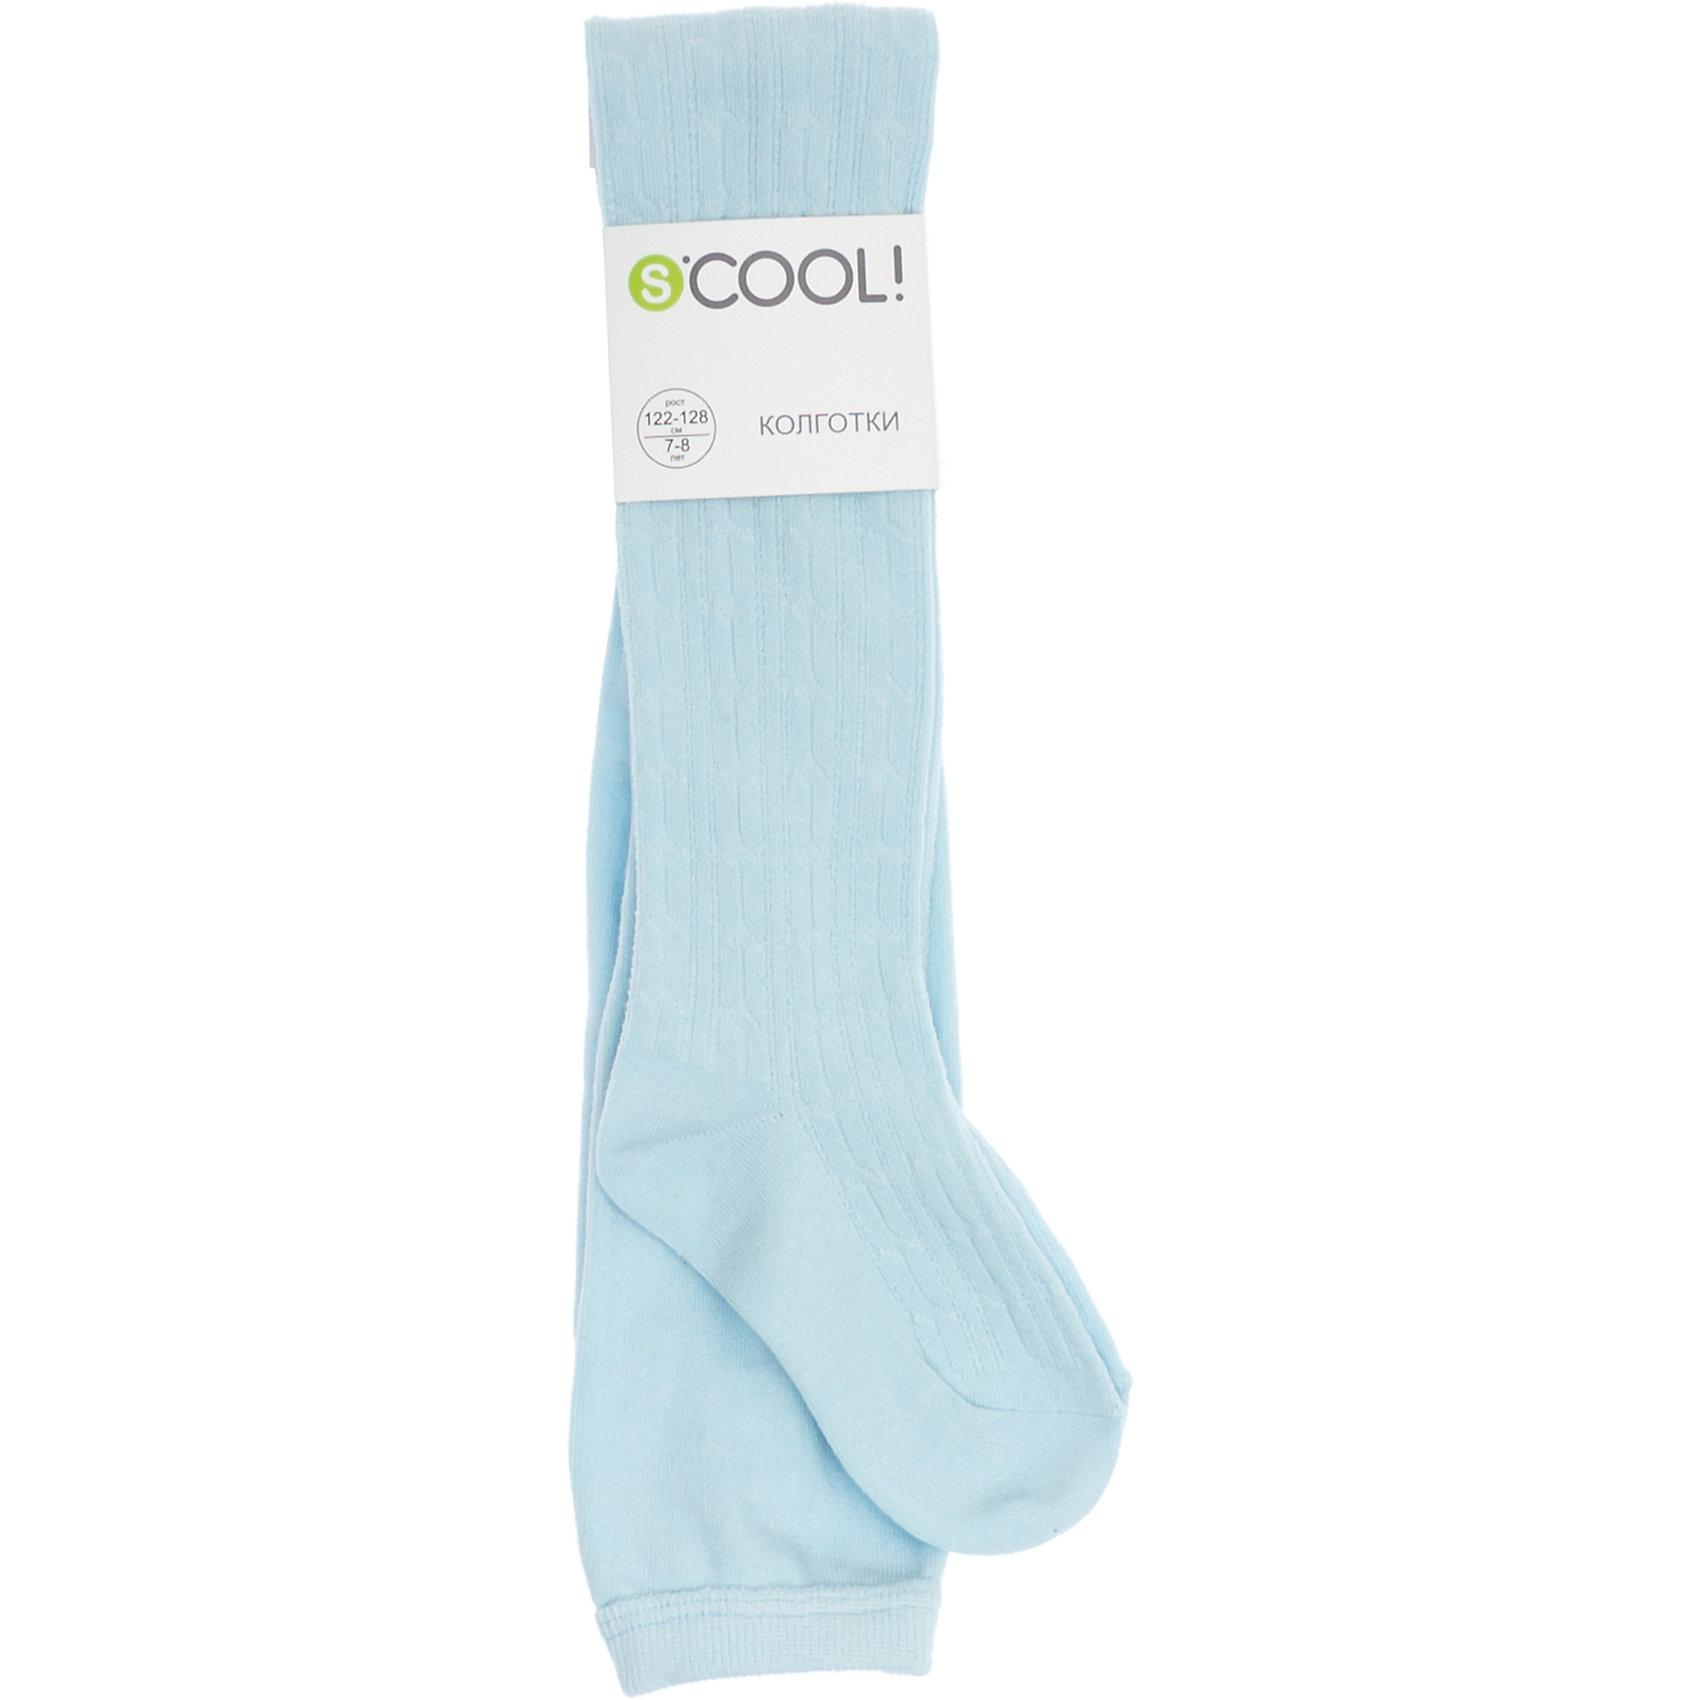 Колготки для девочки ScoolКолготки для девочки от известного бренда Scool<br>Состав:<br>75% хлопок, 22% нейлон, 3% эластан<br>Уютные хлопковые колготки на каждый день. Пояс на мягкой резинке.<br><br>Ширина мм: 123<br>Глубина мм: 10<br>Высота мм: 149<br>Вес г: 209<br>Цвет: голубой<br>Возраст от месяцев: 15<br>Возраст до месяцев: 18<br>Пол: Женский<br>Возраст: Детский<br>Размер: 22,18,20<br>SKU: 4687189